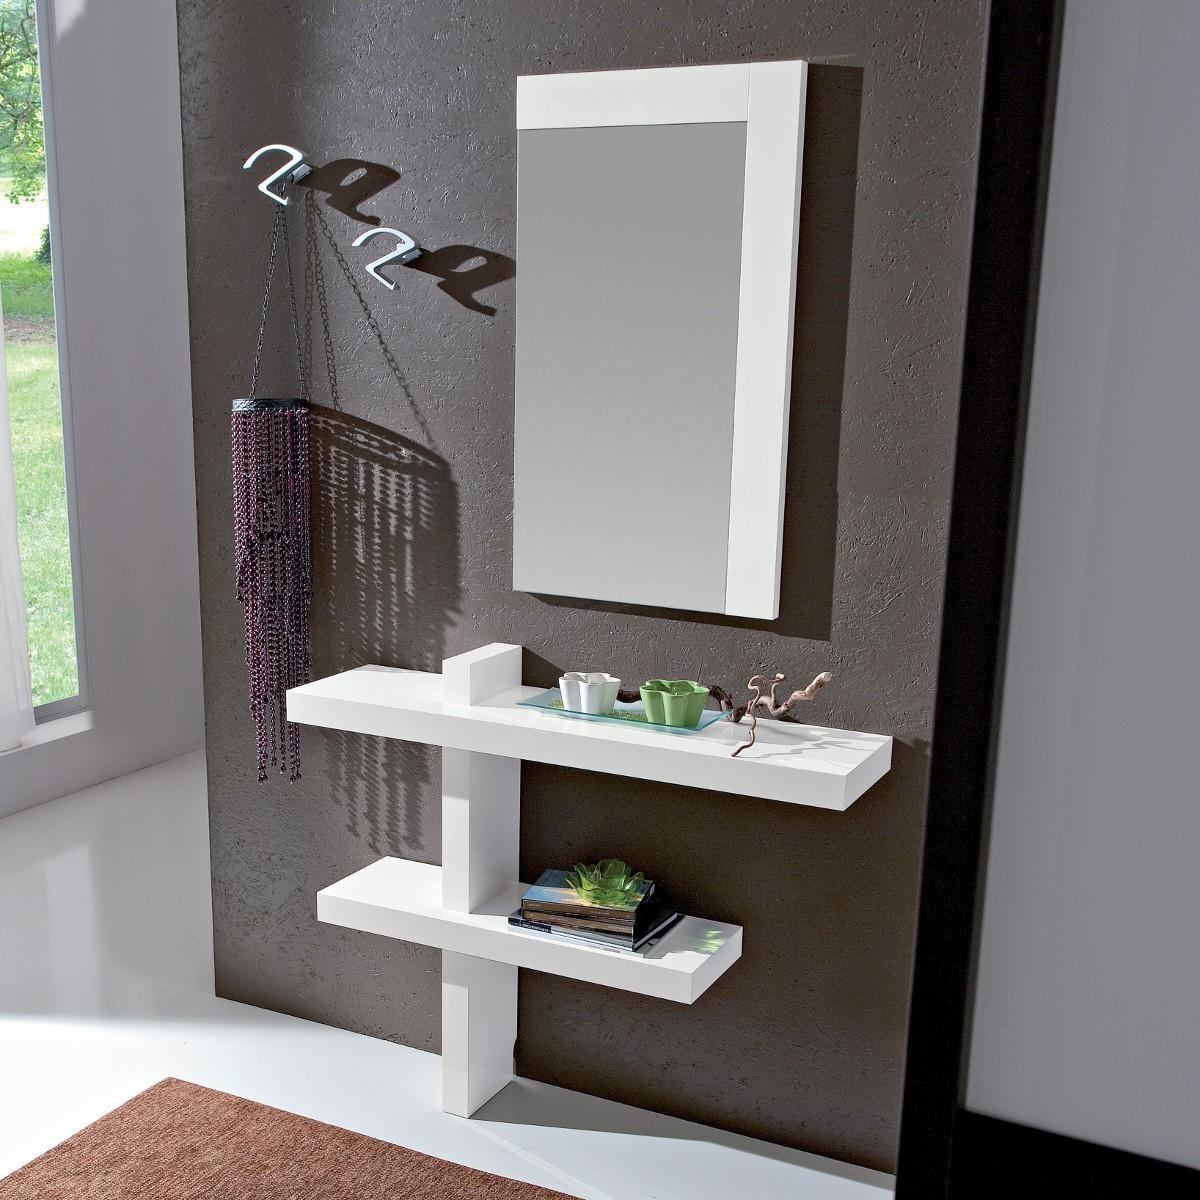 Mobile ingresso moderno con specchiera for Ingresso casa moderno